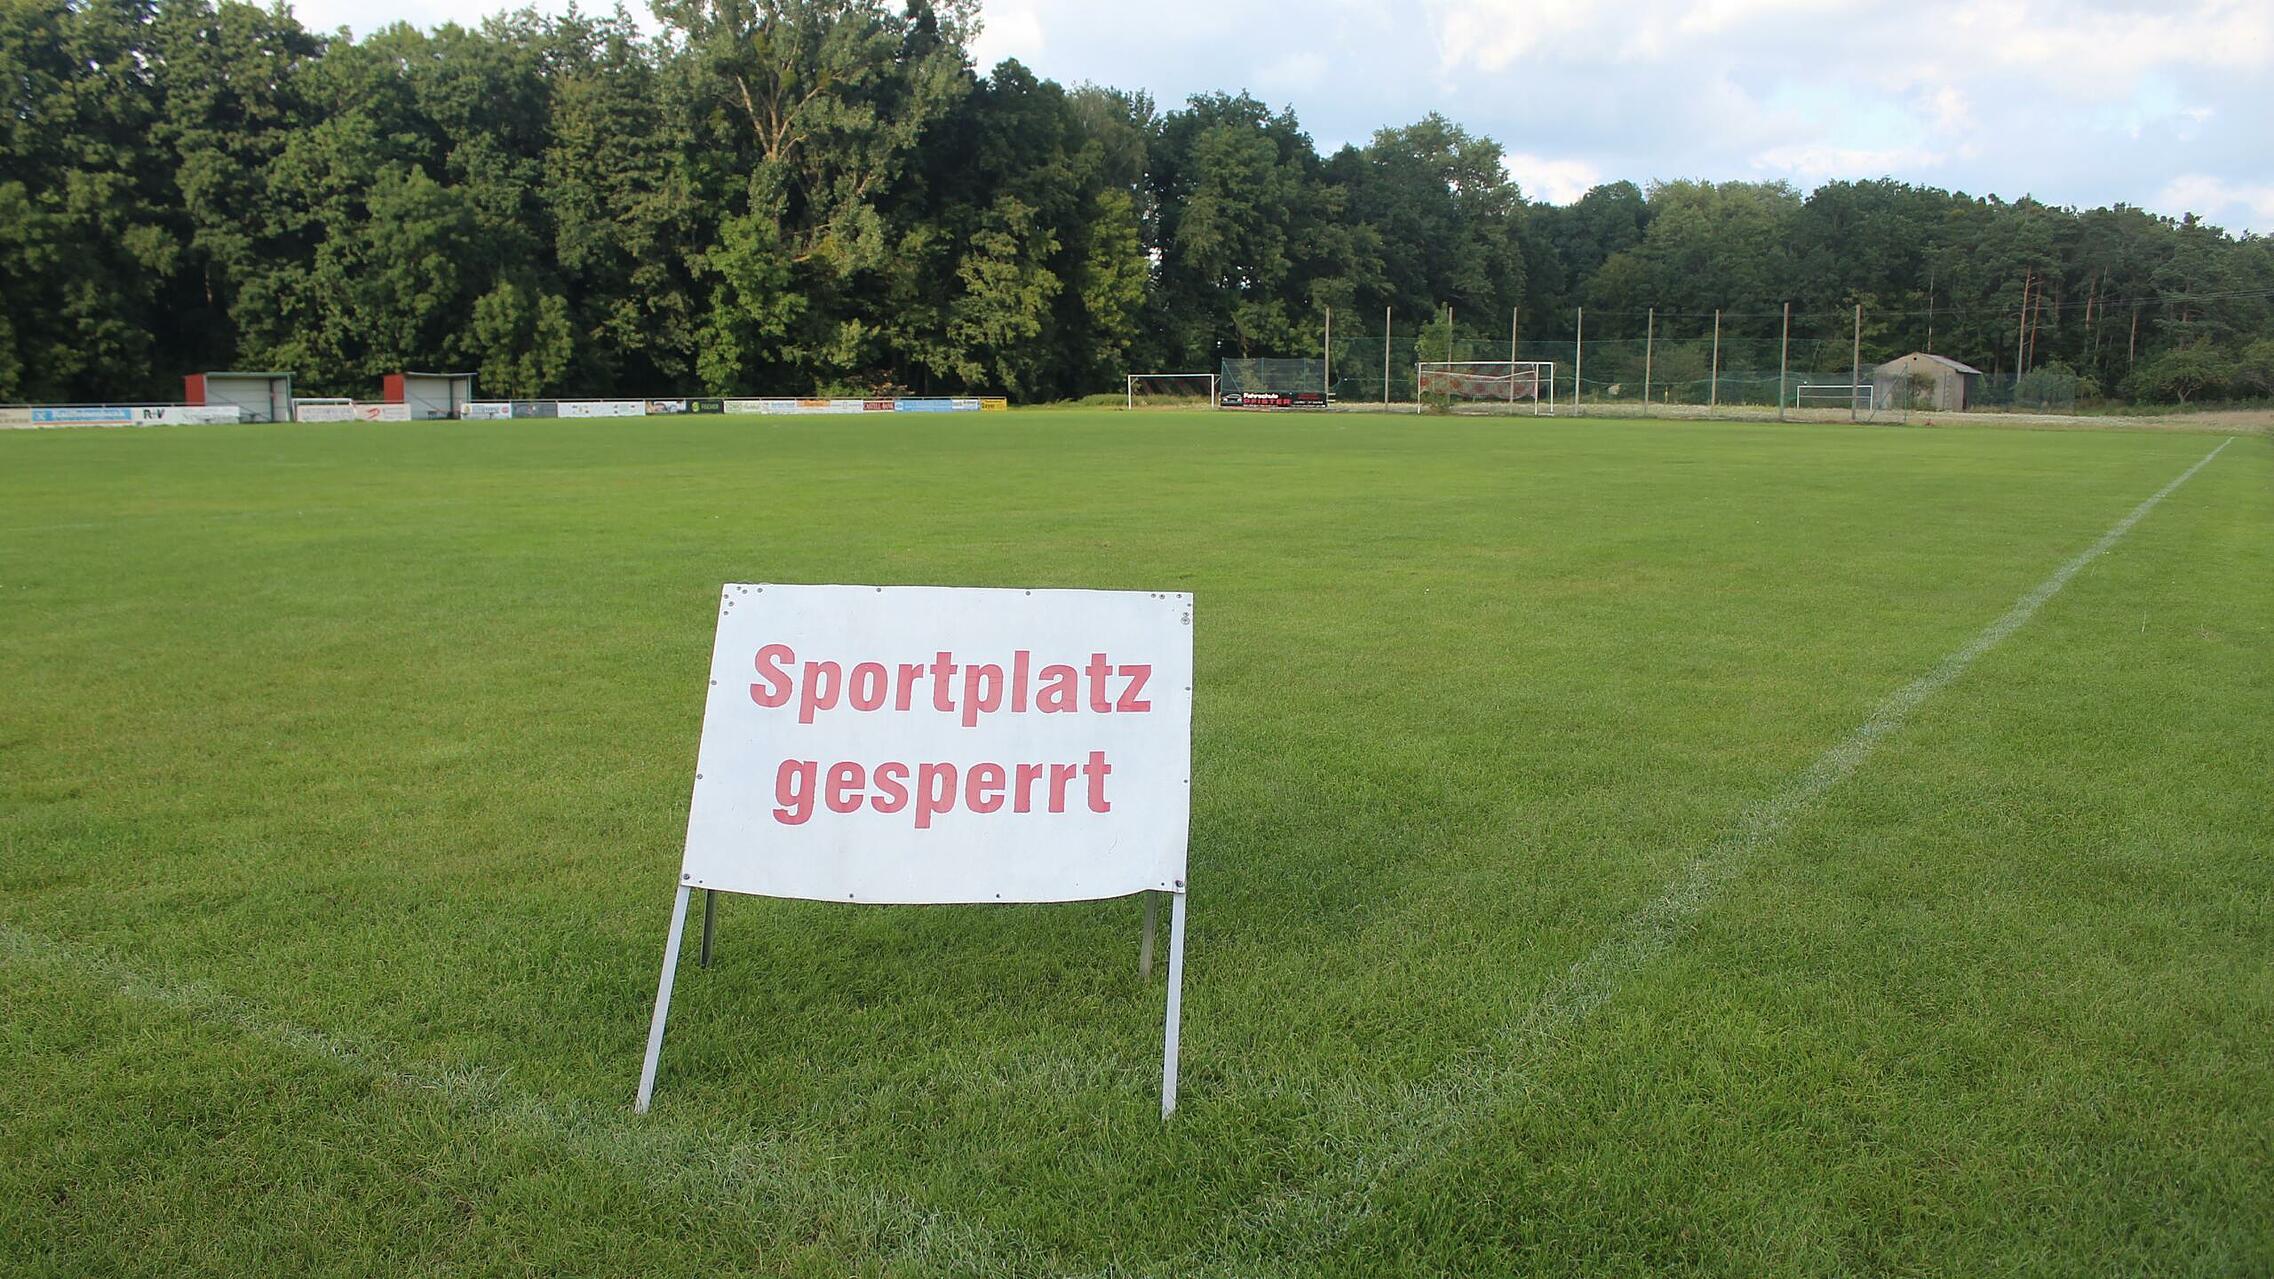 Sportplatz Gesperrt TSV/DJK Wiesentheid 2010910